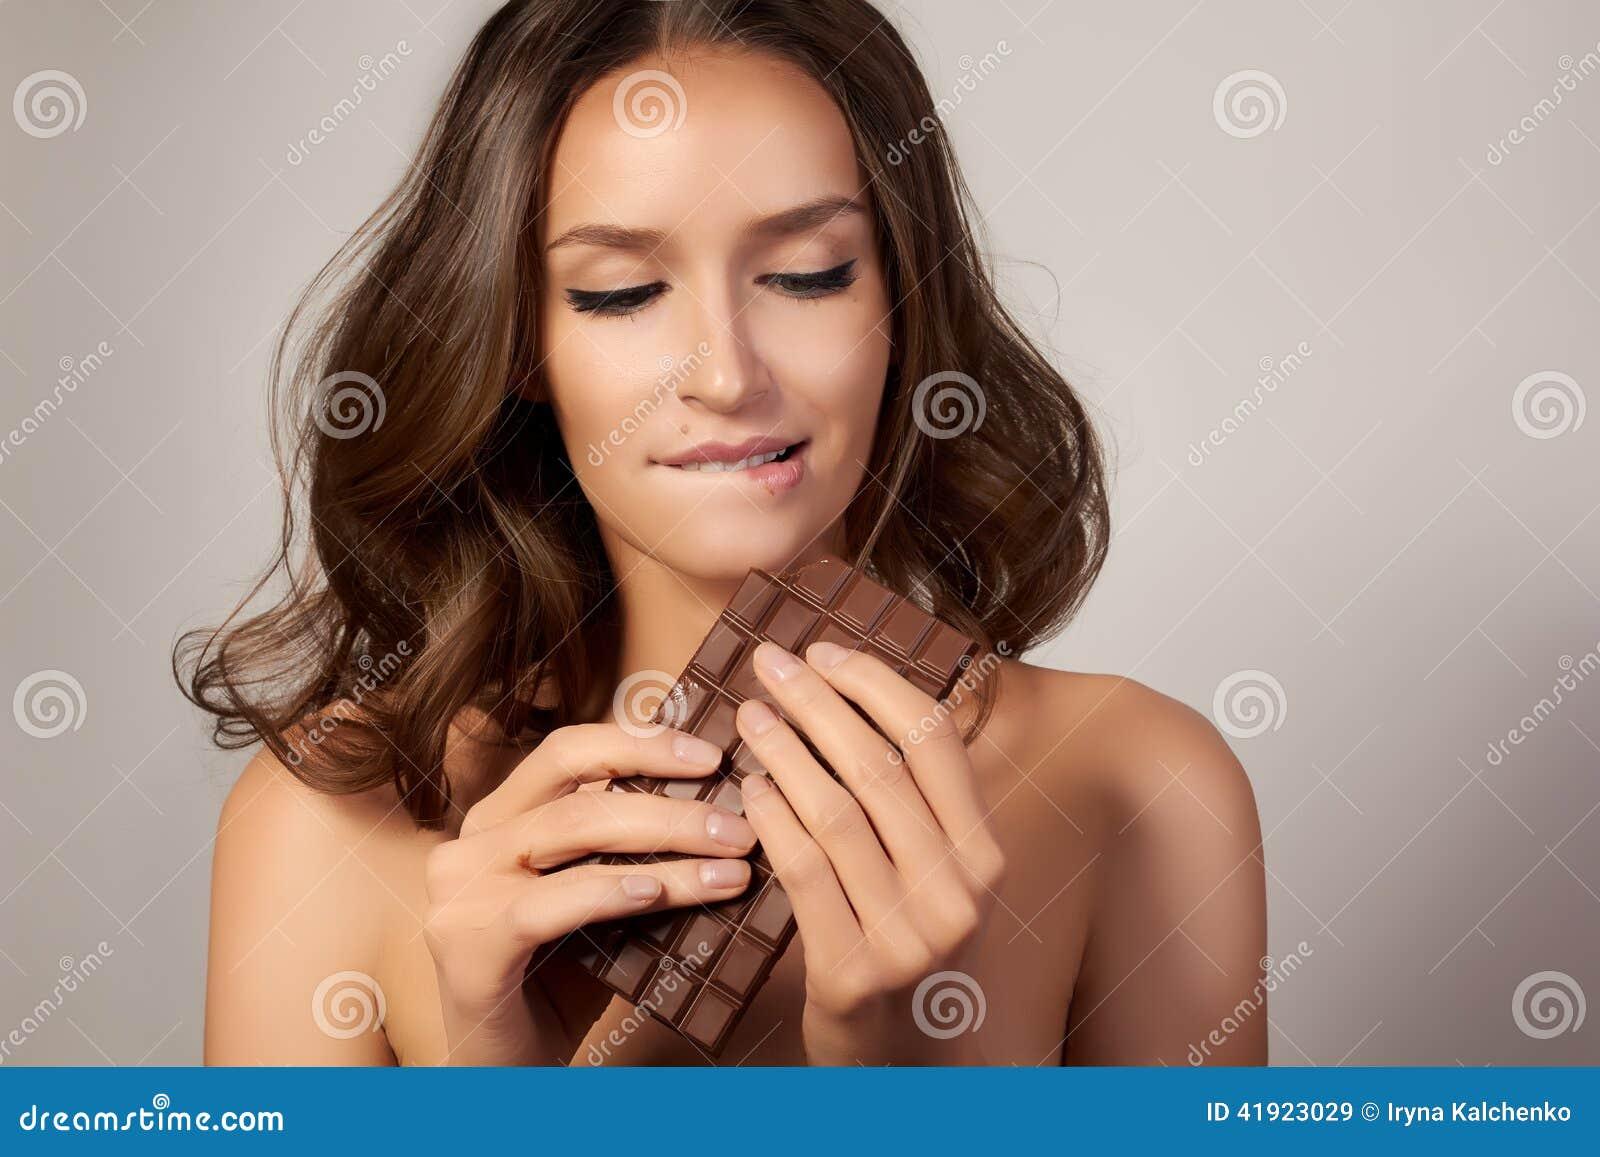 Stående av en ung härlig flicka med mörkt lockigt hår, kala skuldror och halsen som rymmer en chokladstång för att tycka om smake